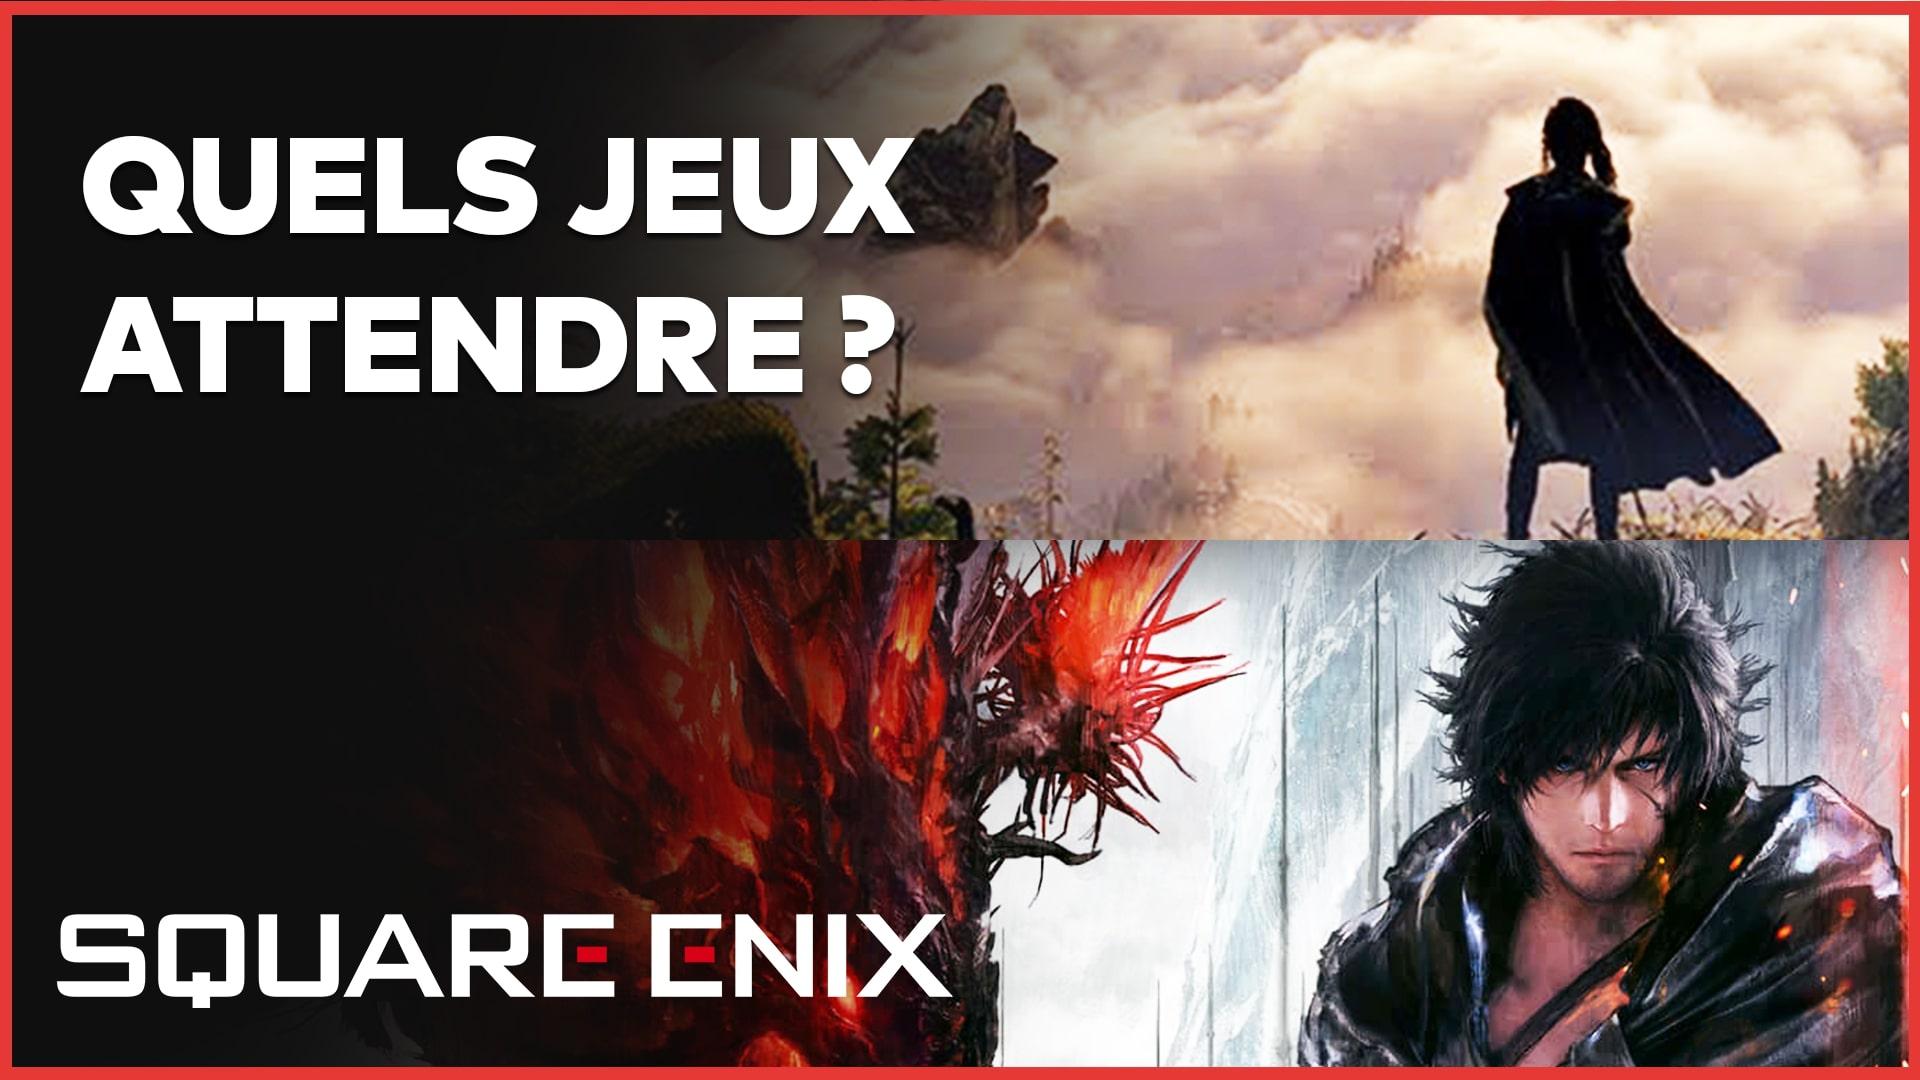 ¿Qué podemos esperar de Square Enix?  Nuestras expectativas en video